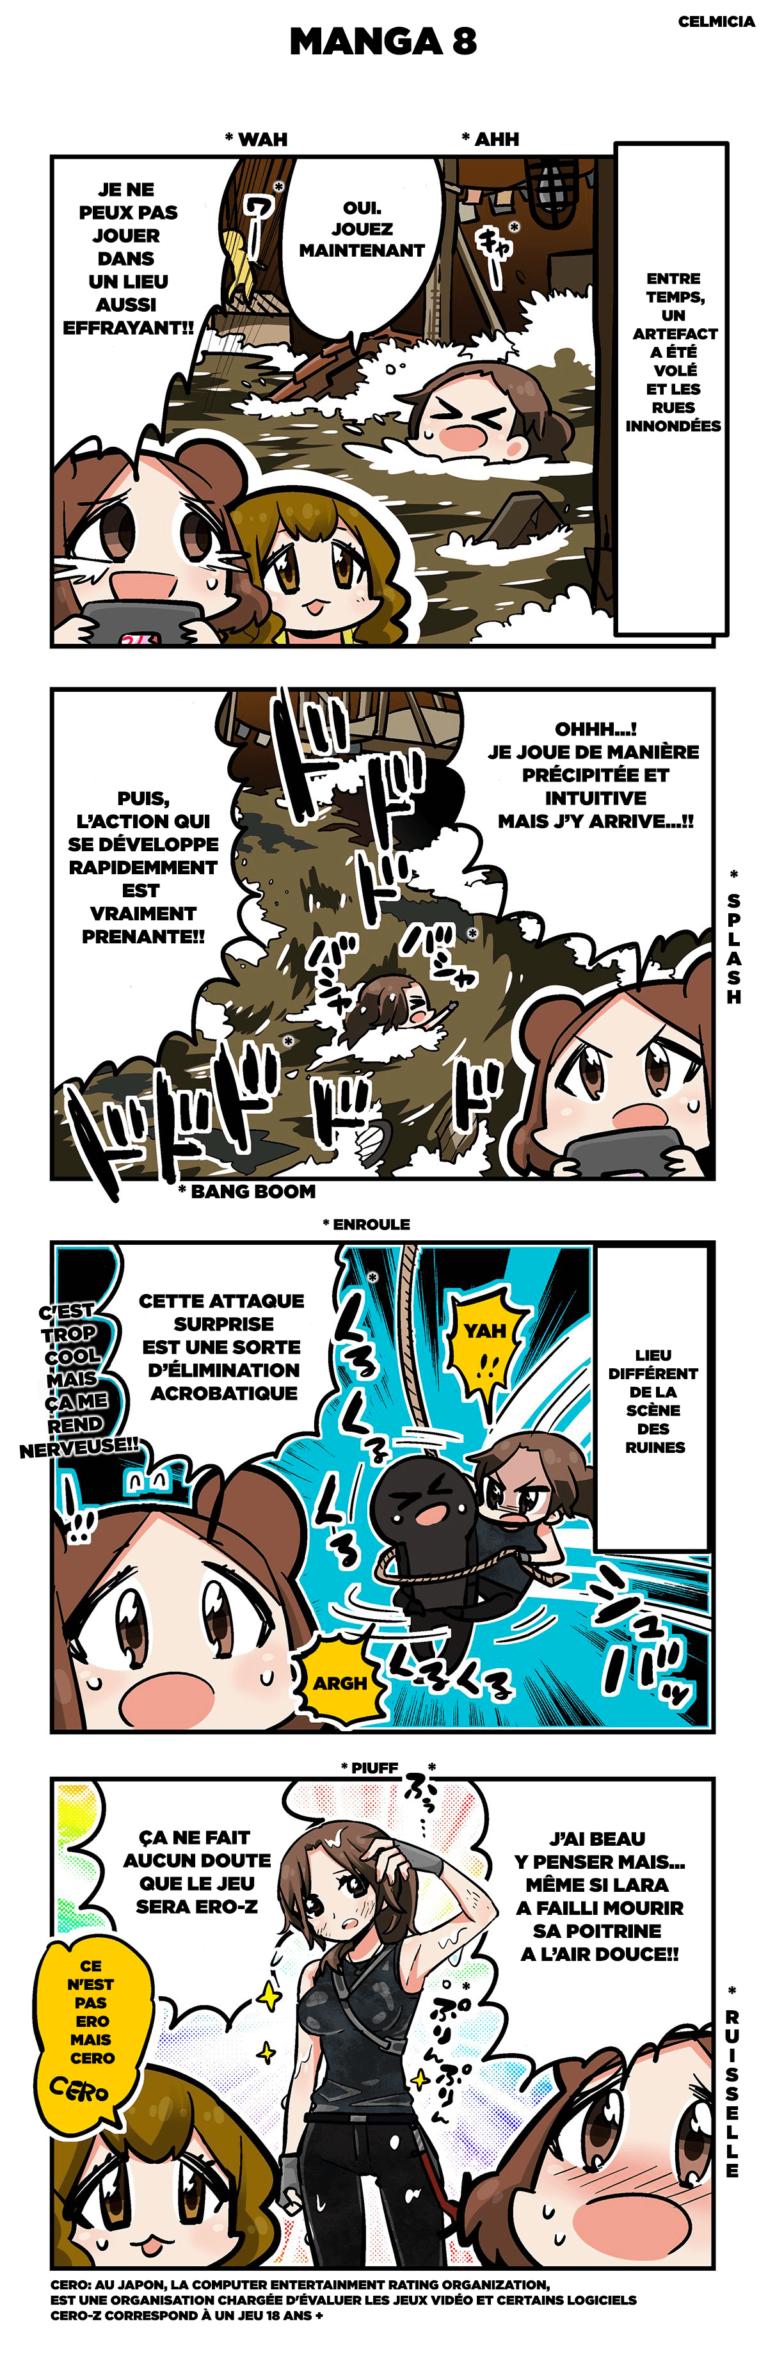 sottr_manga_square_enix_jp_8_opti